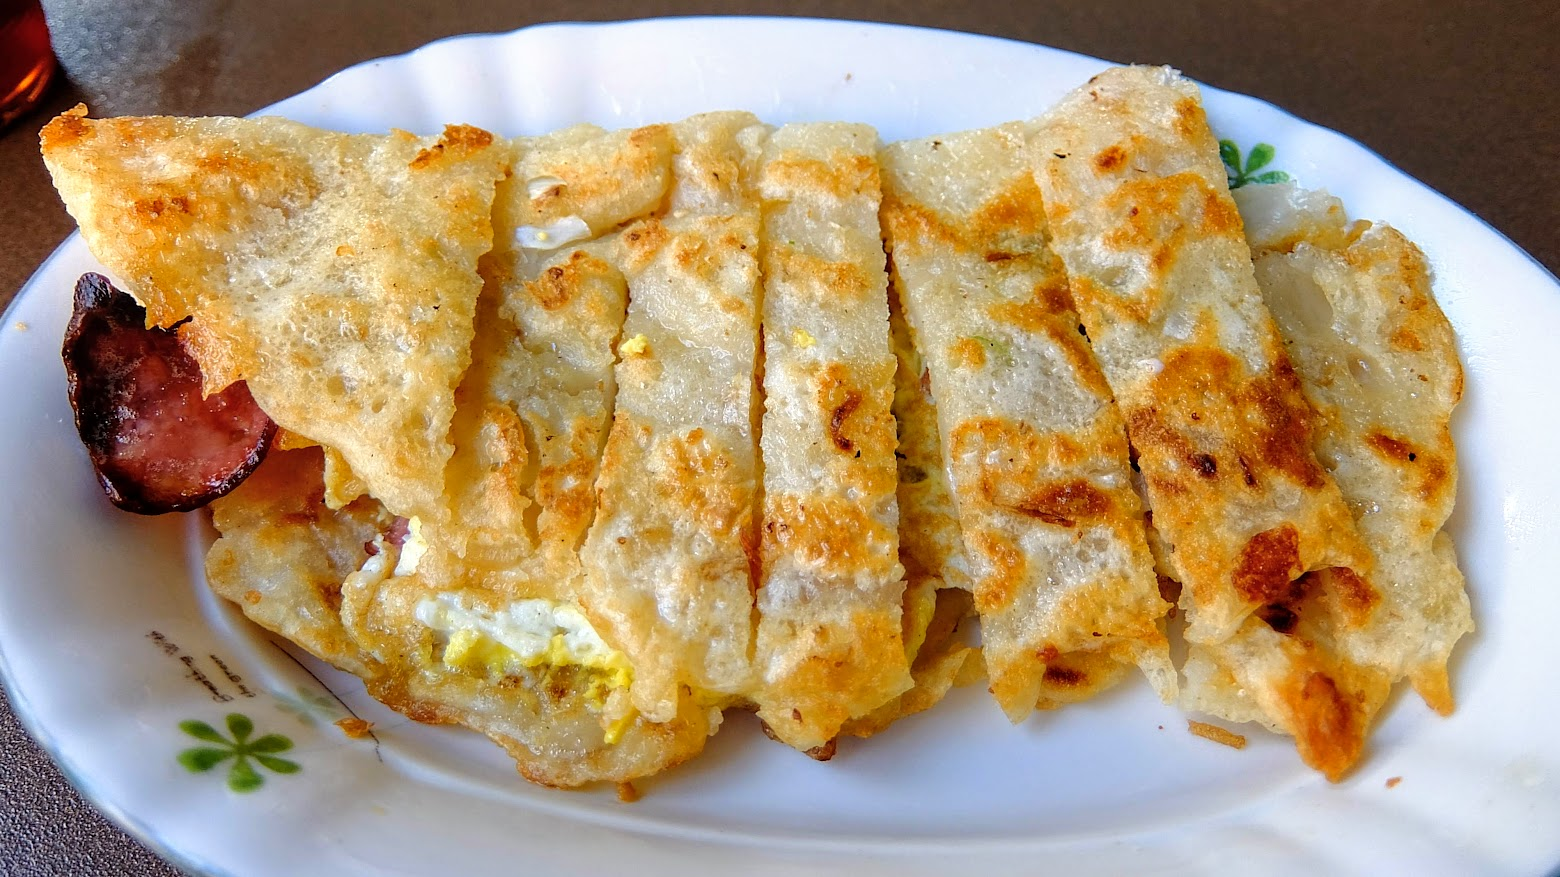 是麵糊傳統蛋餅,蛋餅皮酥脆可口,趁熱吃真的是脆脆的~